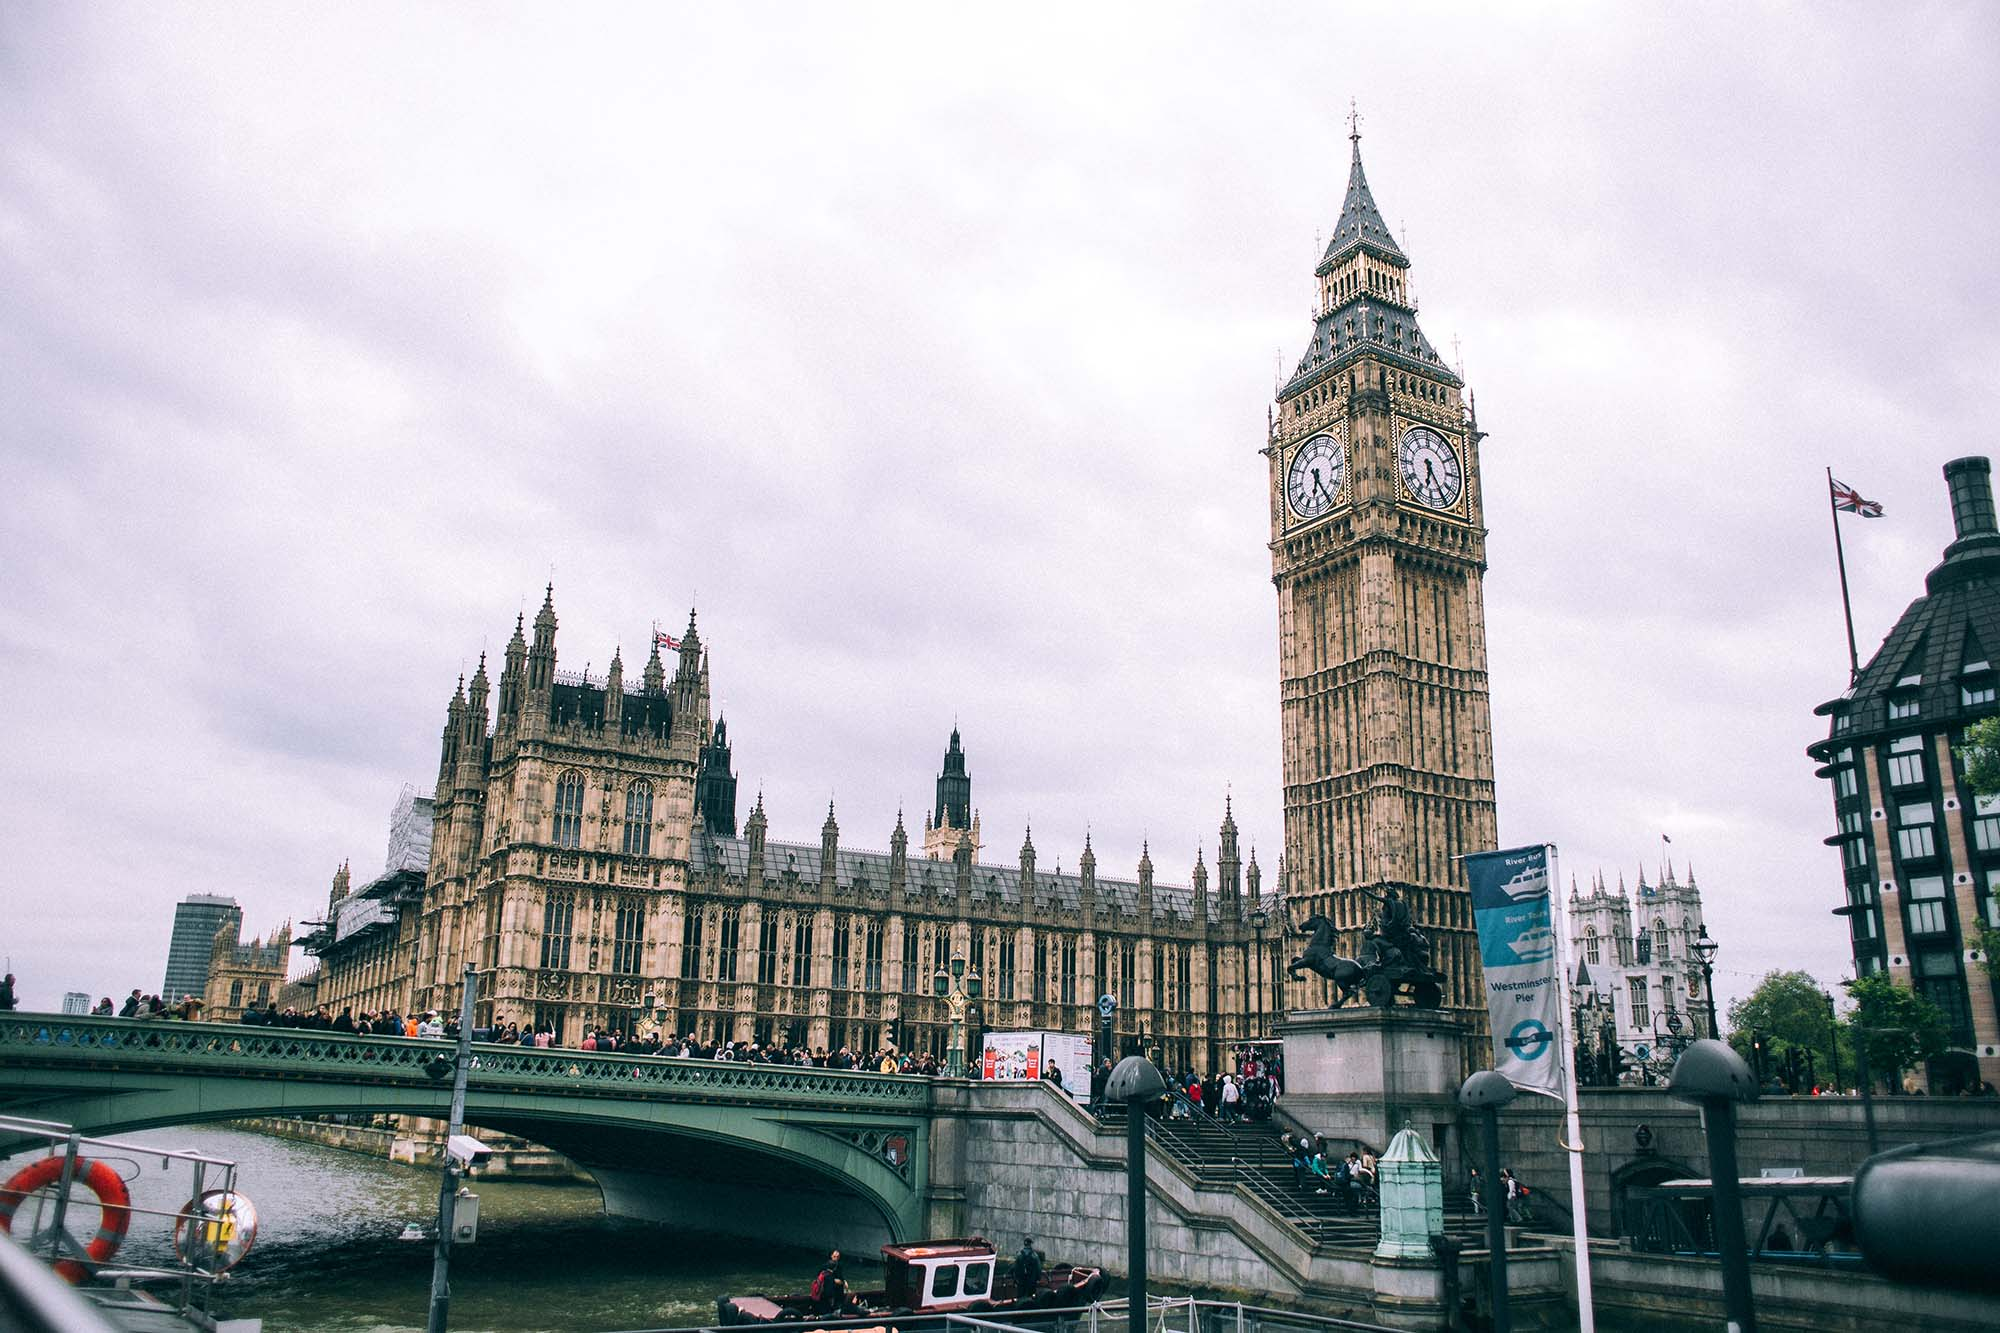 Темы  18 причин, 9 лайфхаков и 1 способ поехать в Лондон от тех, кто уже попробовал